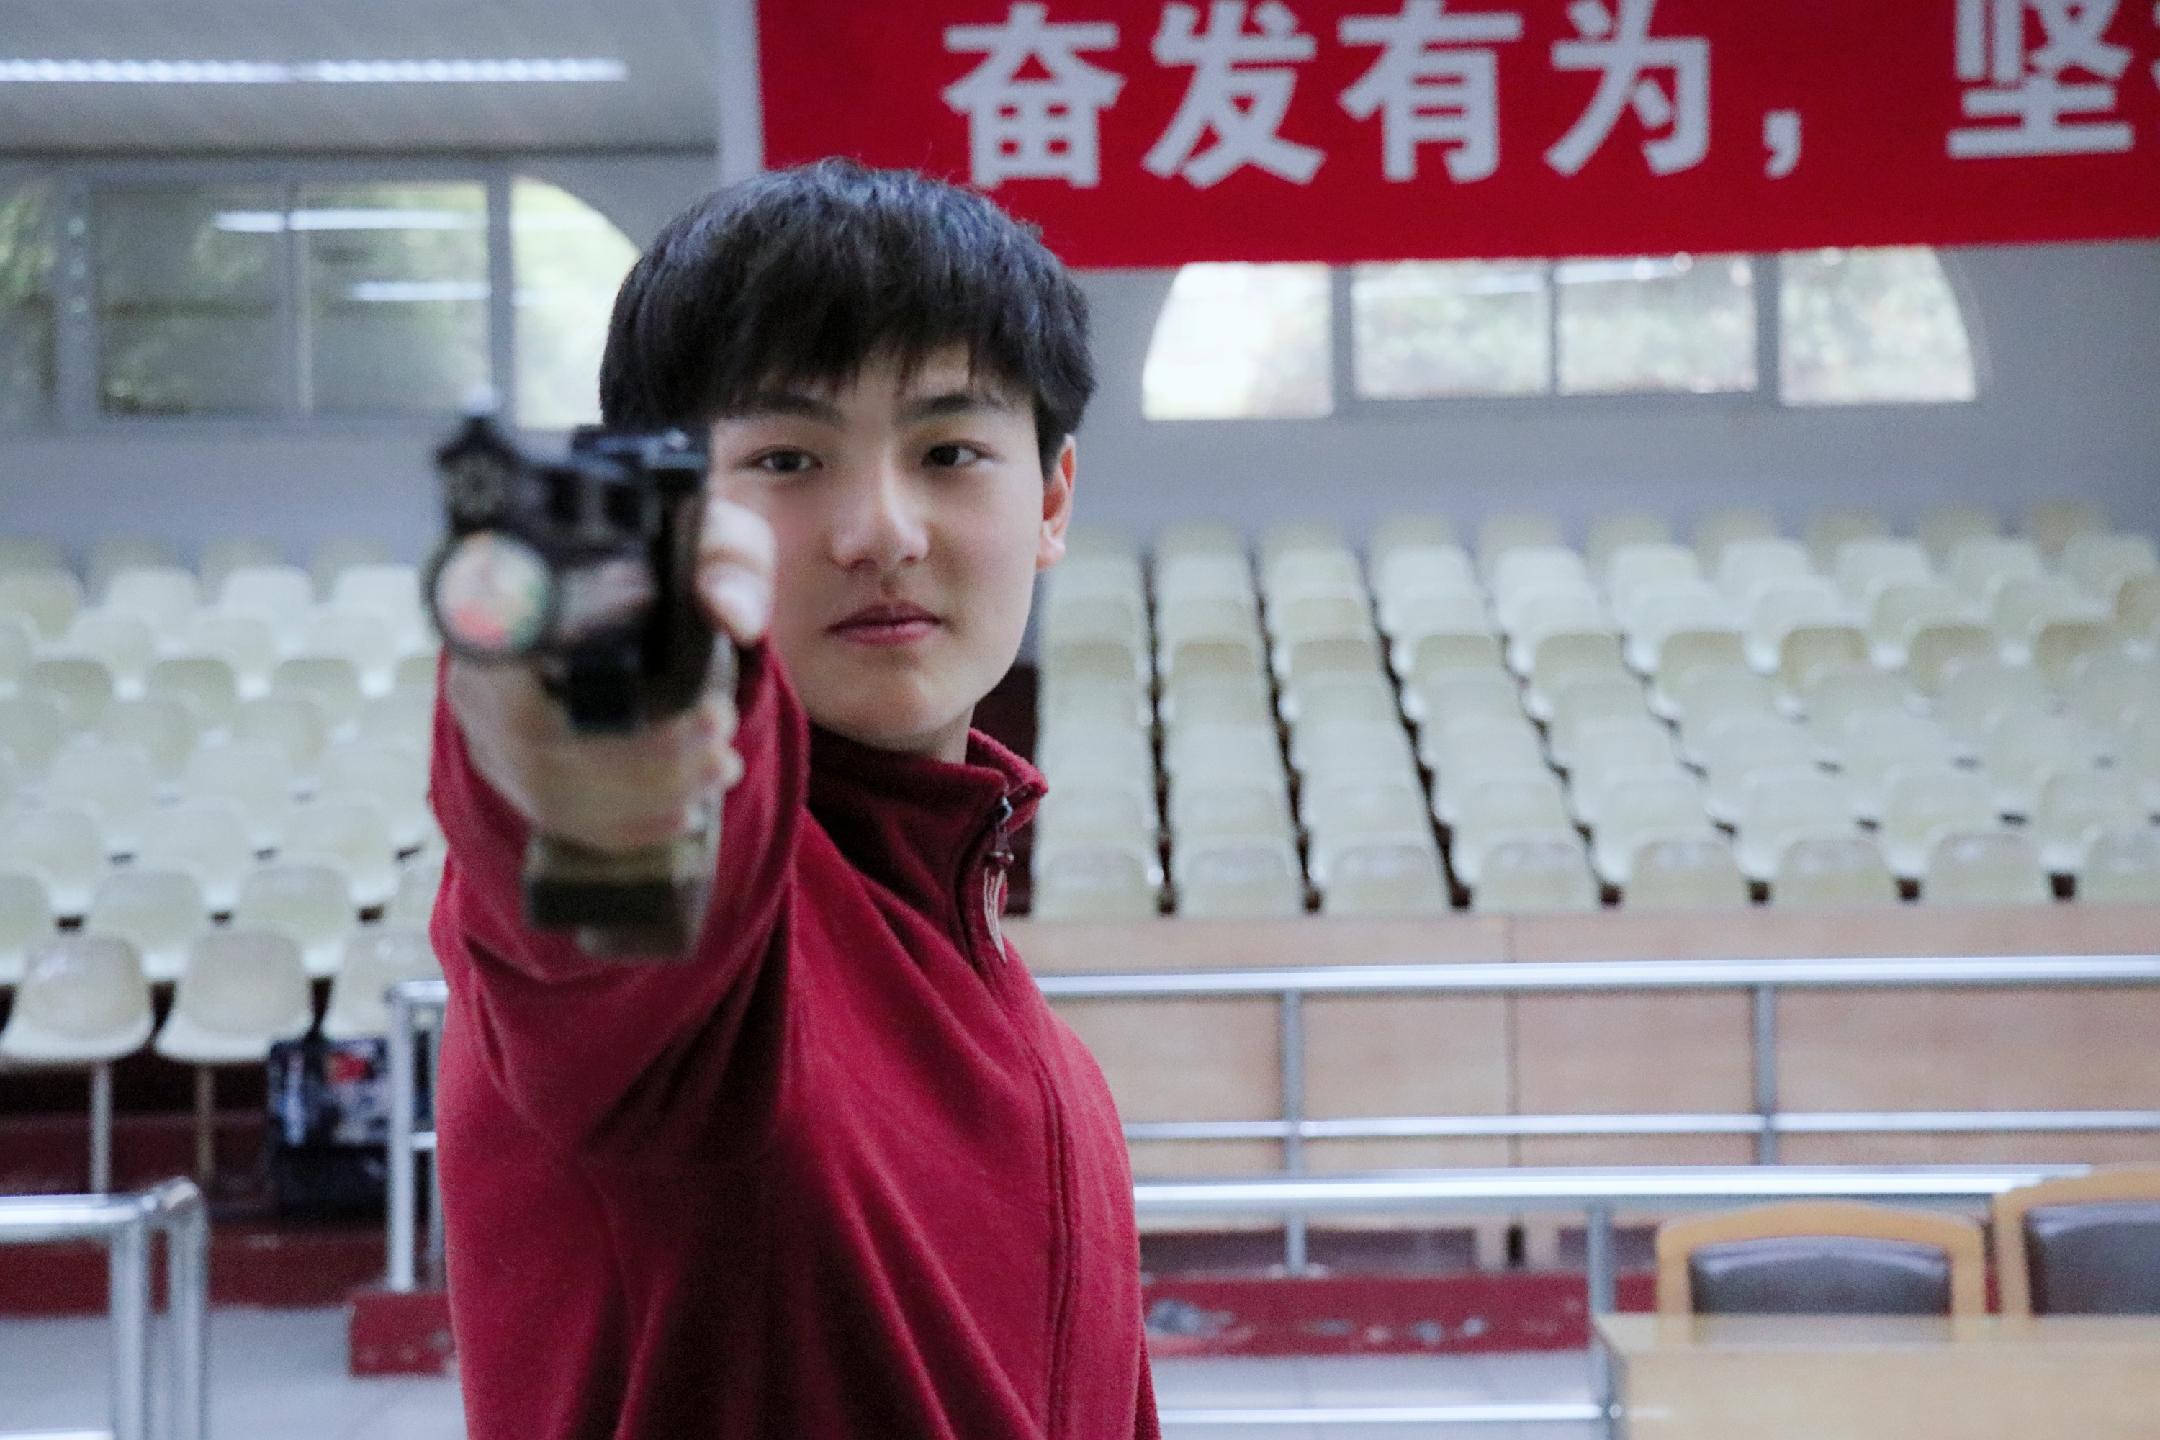 高标准 严要求 2019年上海市射击锦标赛迈上新台阶